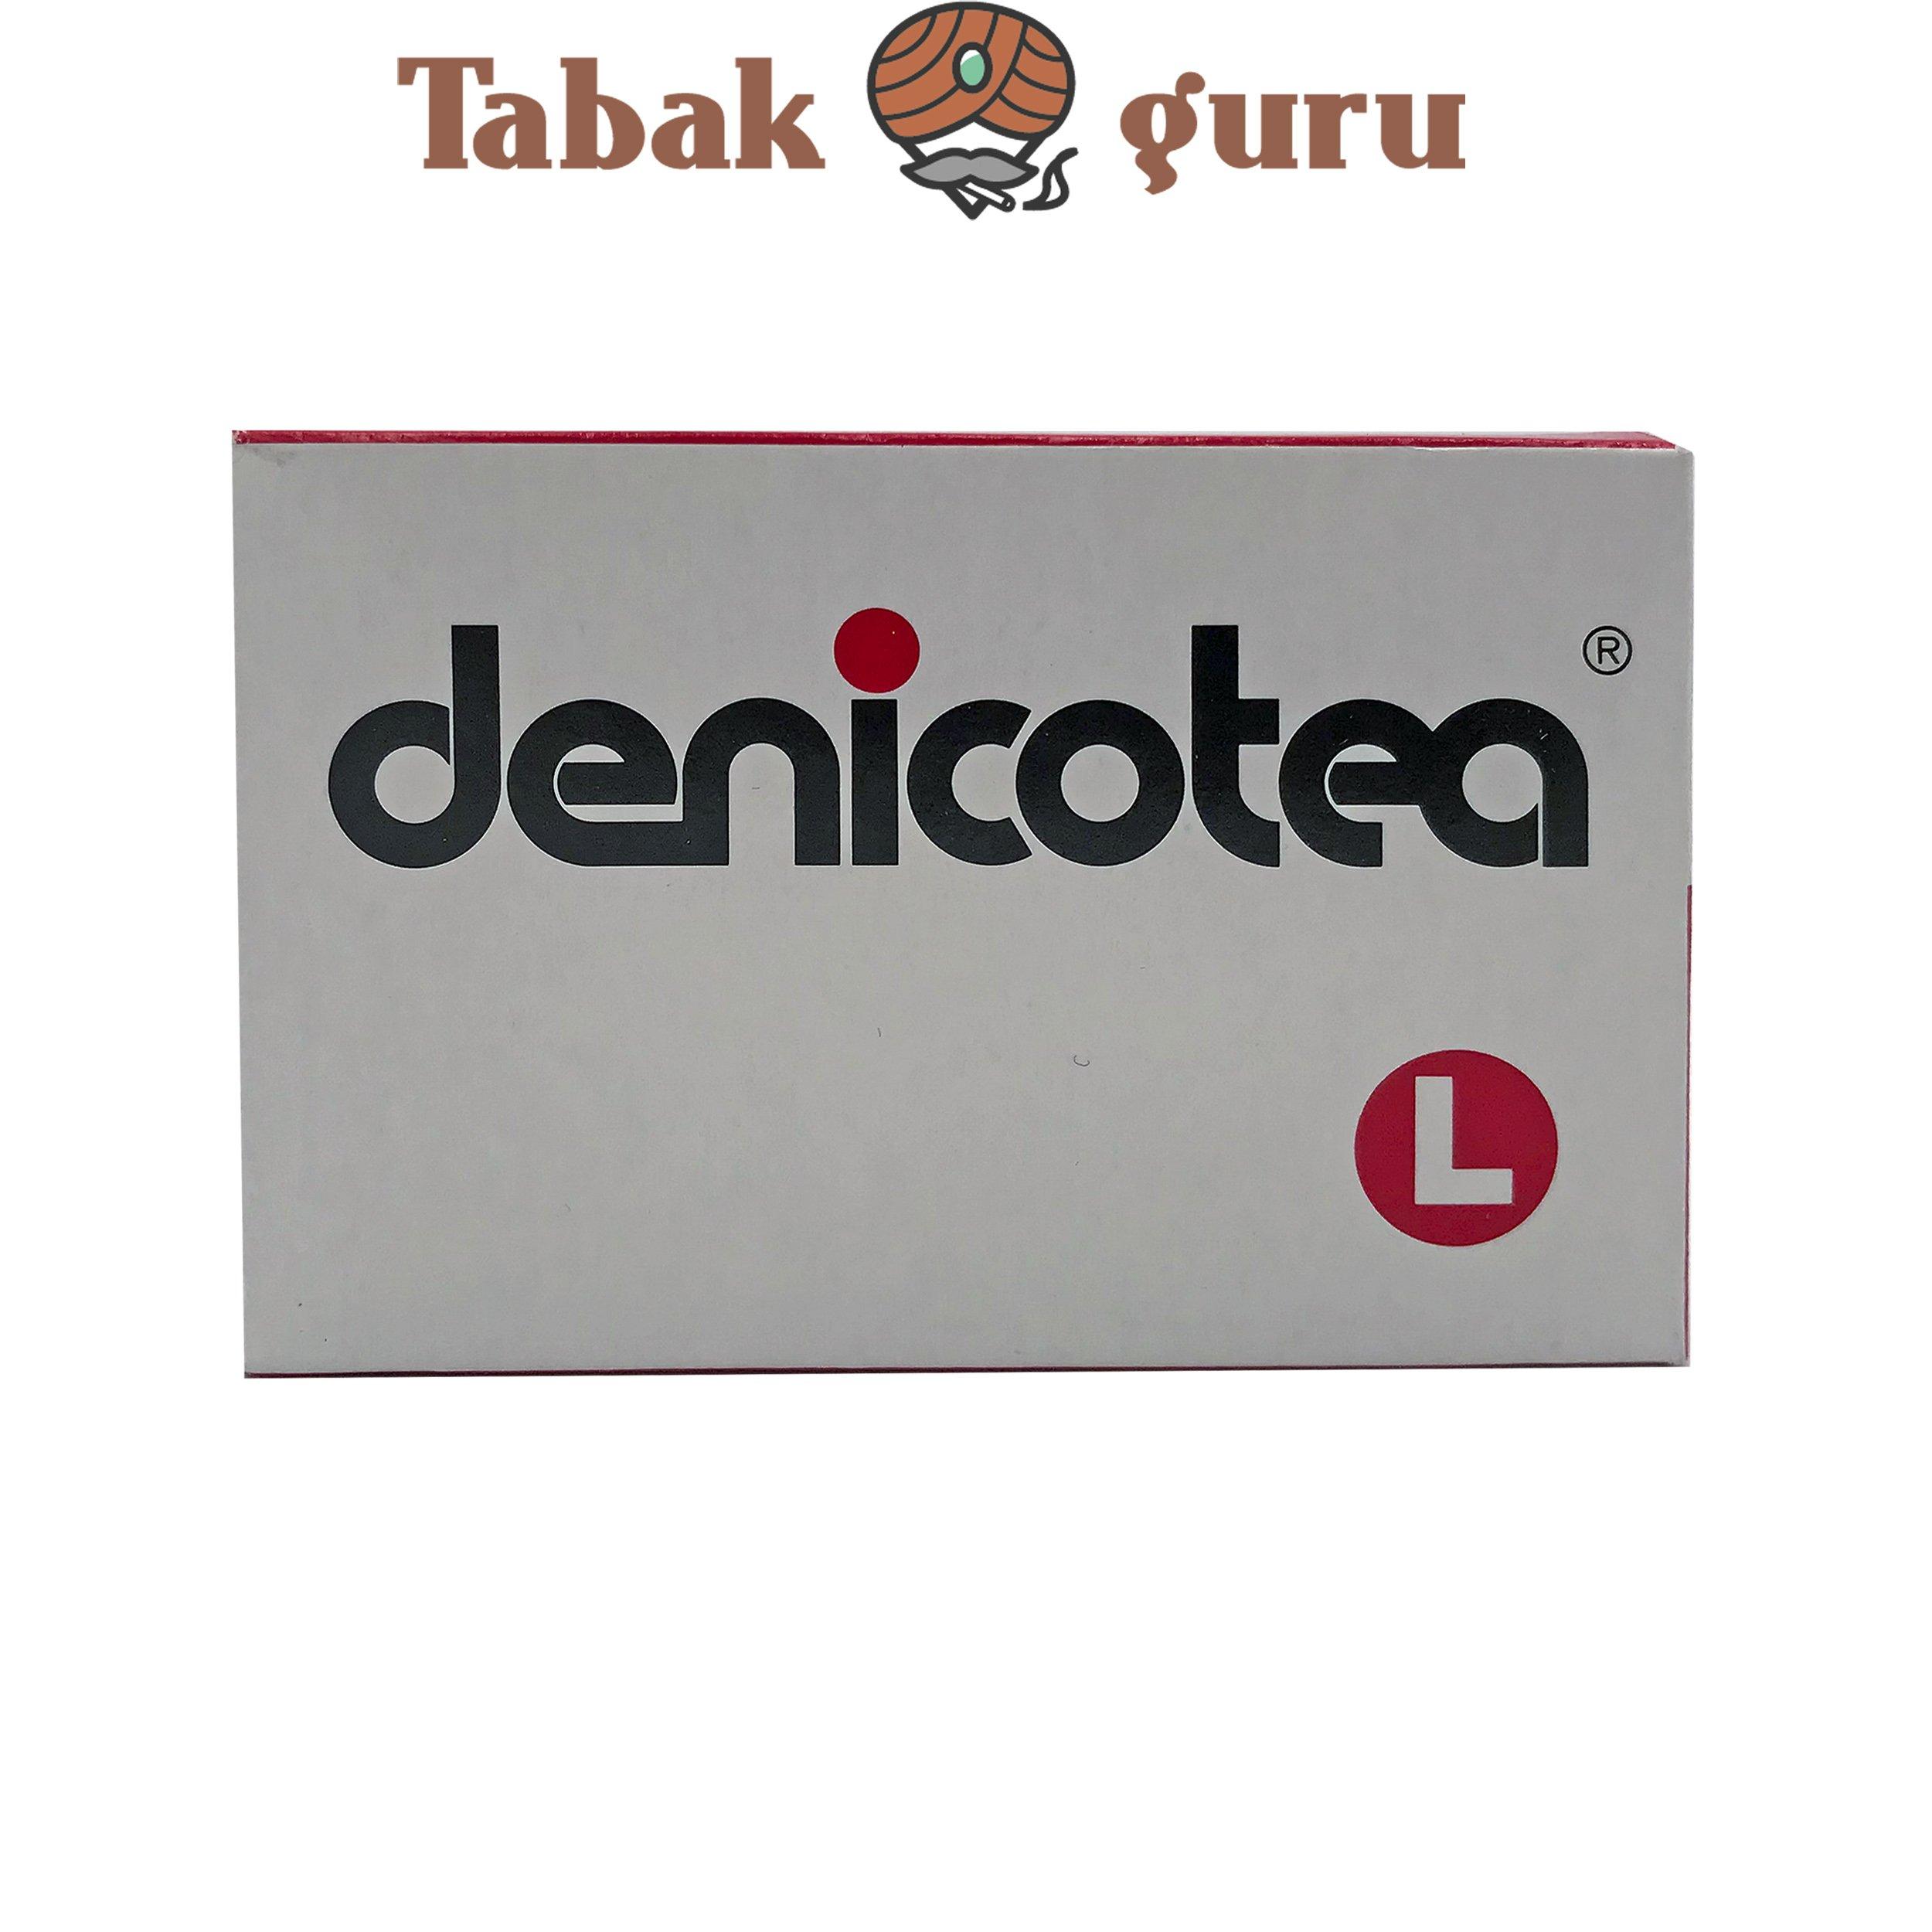 Denicotea L-Kieselgelfilter 10er Packung für Spitzen